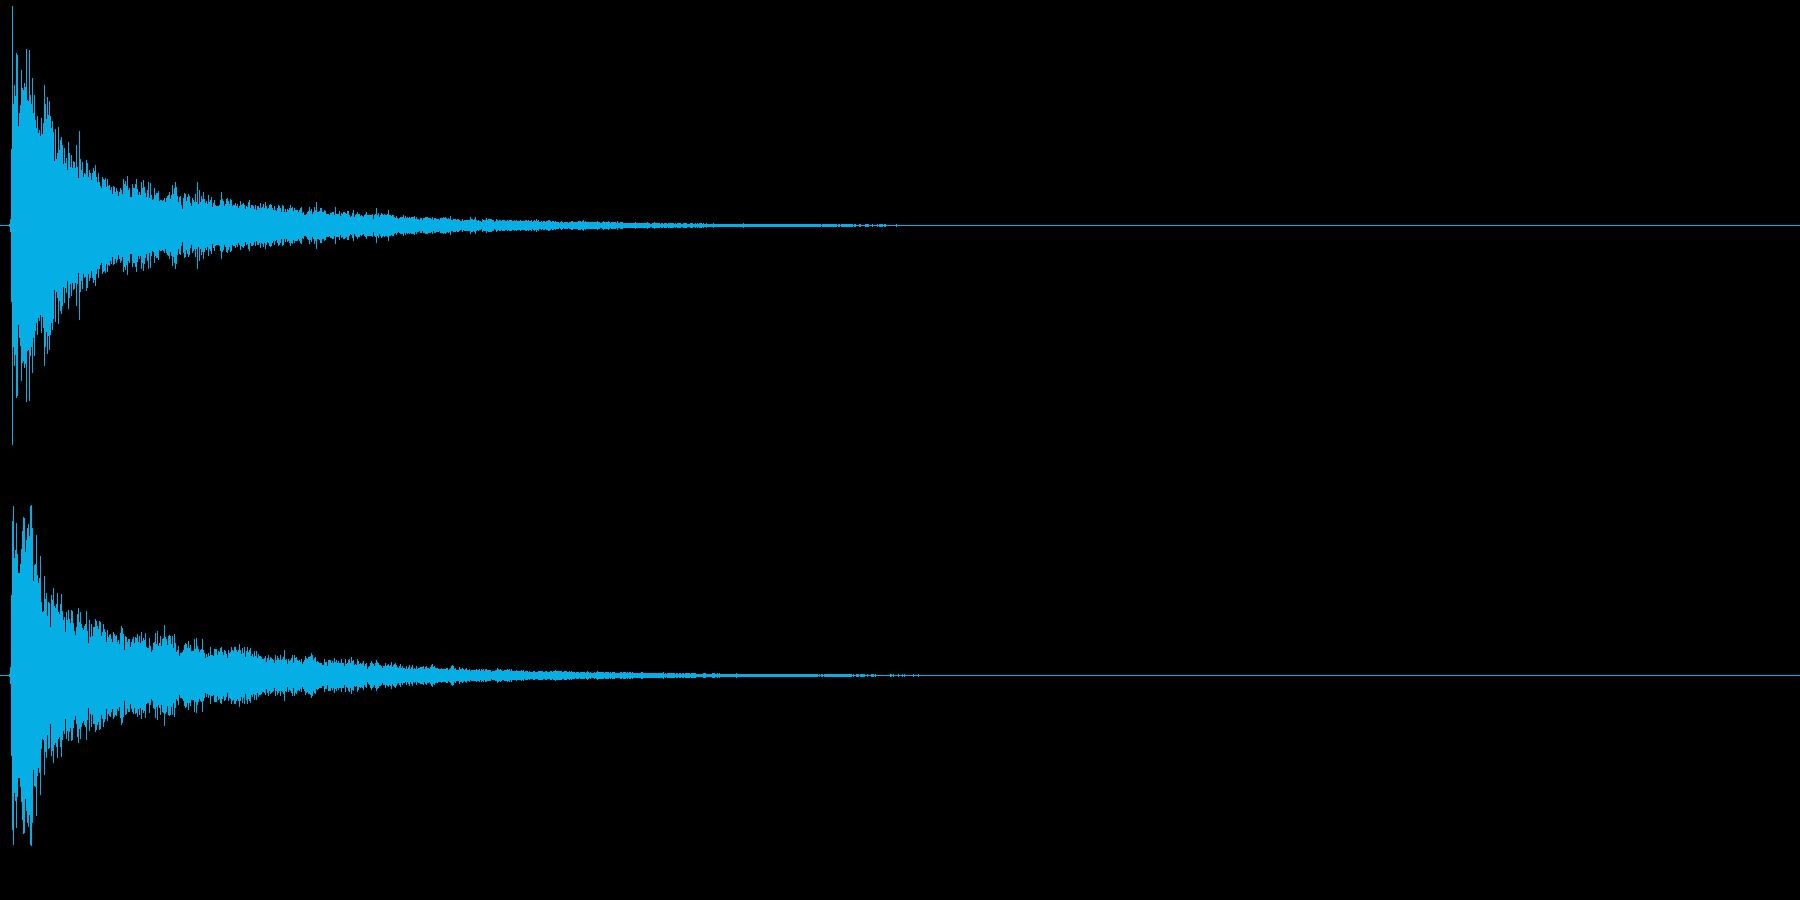 タッチ カーン-1の再生済みの波形